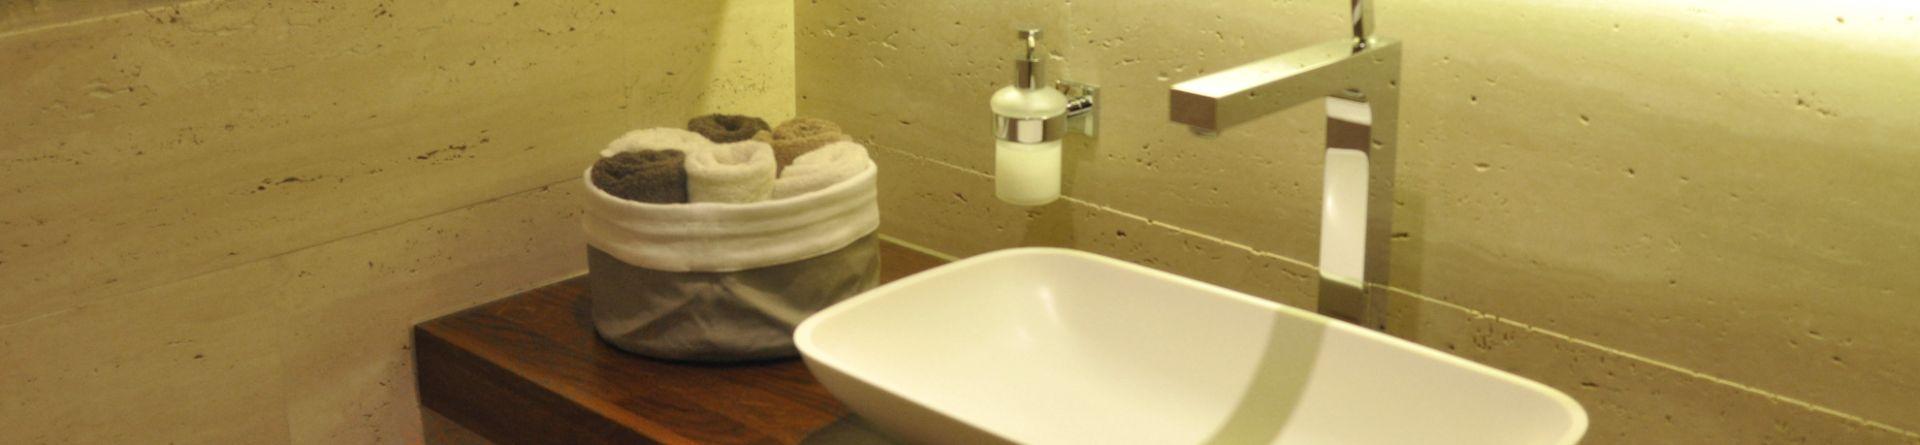 Ikea Abzieher Dusche : Dusche Rollstuhlgerecht : dusche schwelle vor der dusche haltegriff